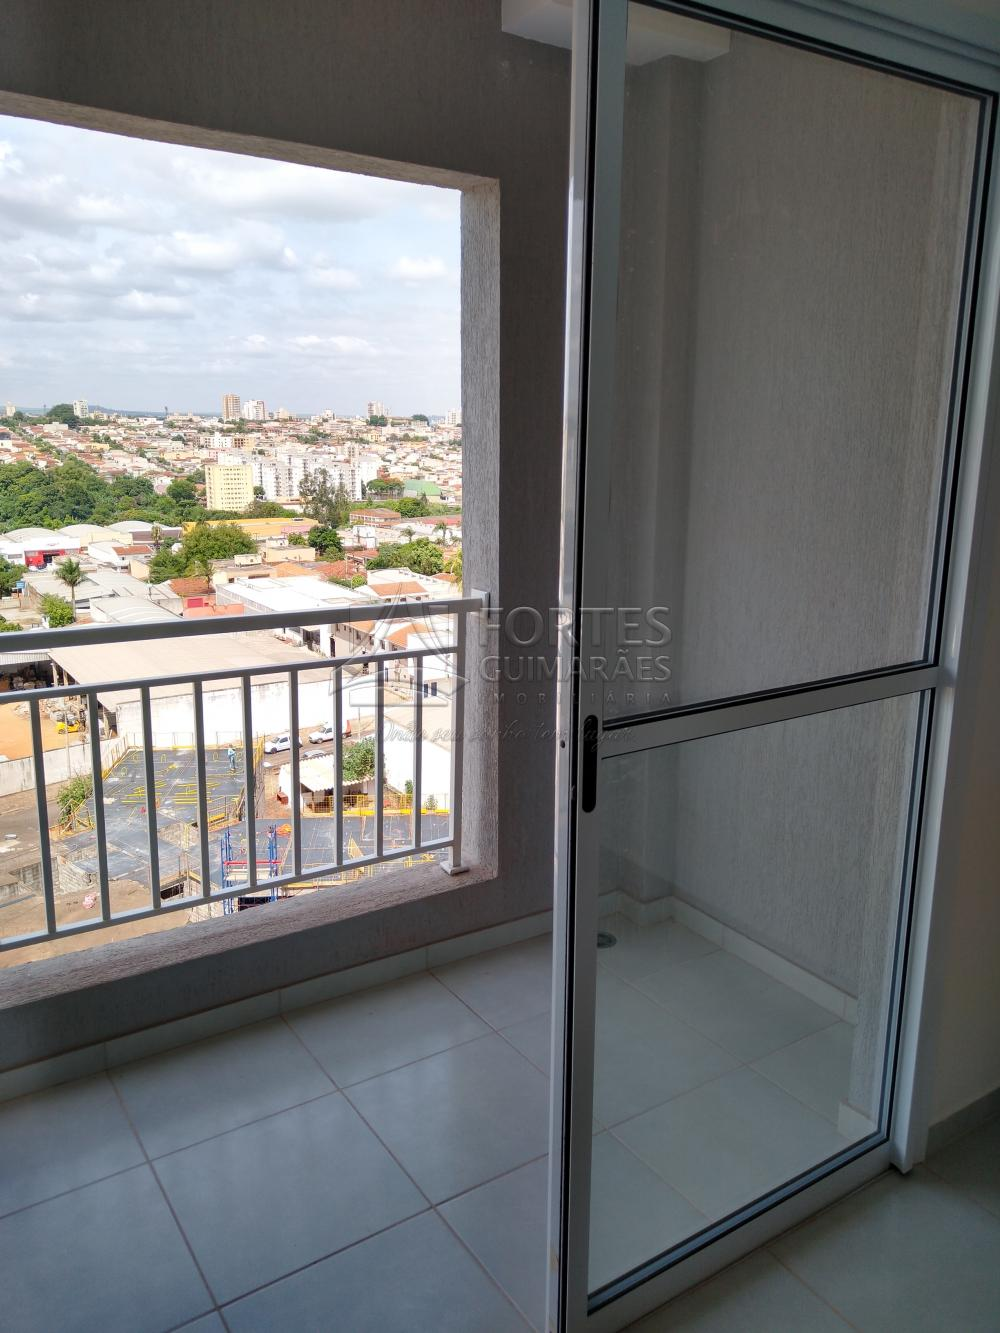 Alugar Apartamentos / Padrão em Ribeirão Preto apenas R$ 800,00 - Foto 9